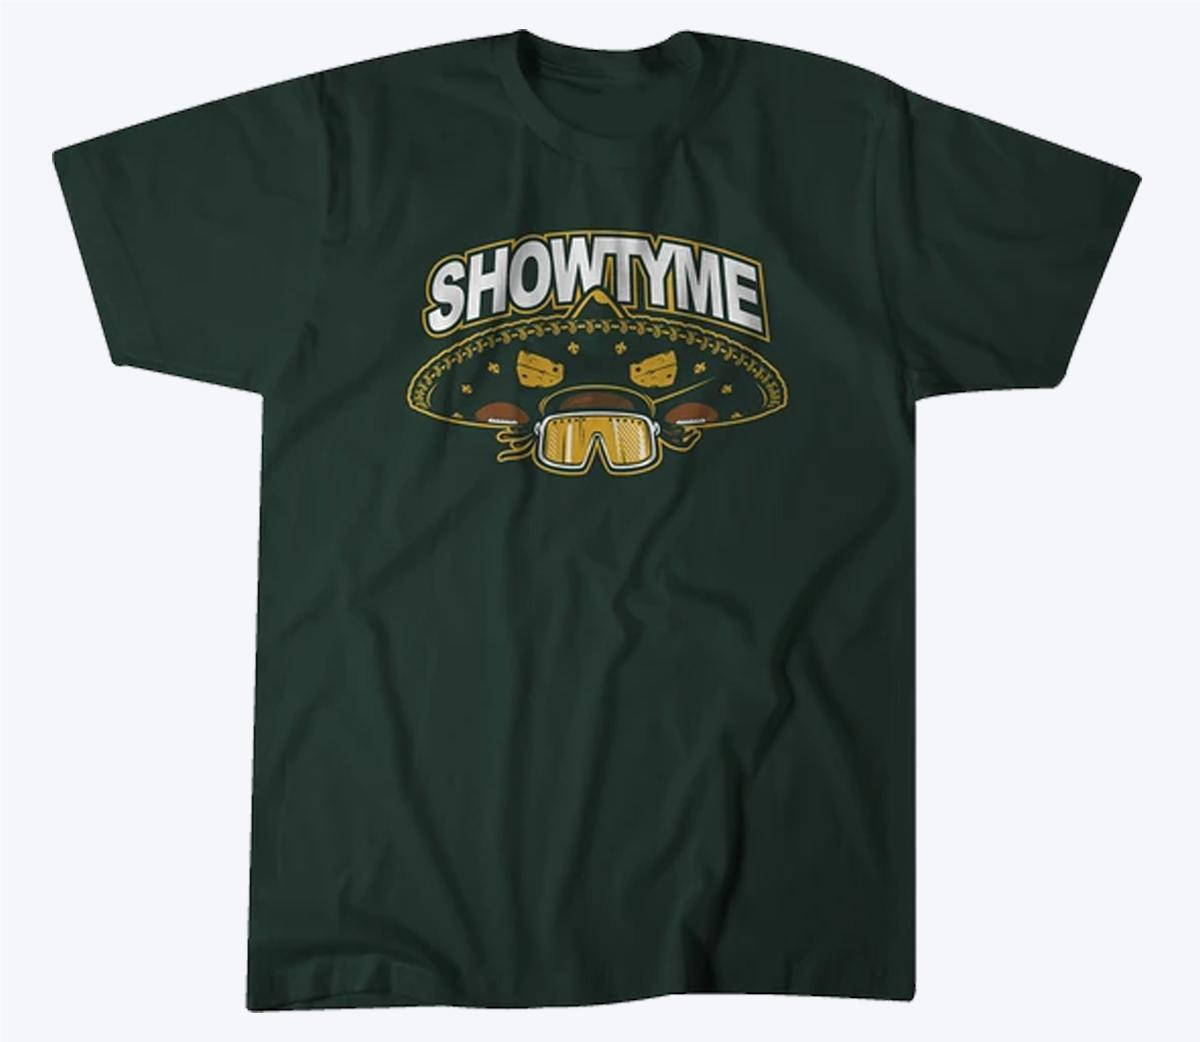 Showtyme Sombrero 2020 T-Shirt - Green Bay Football